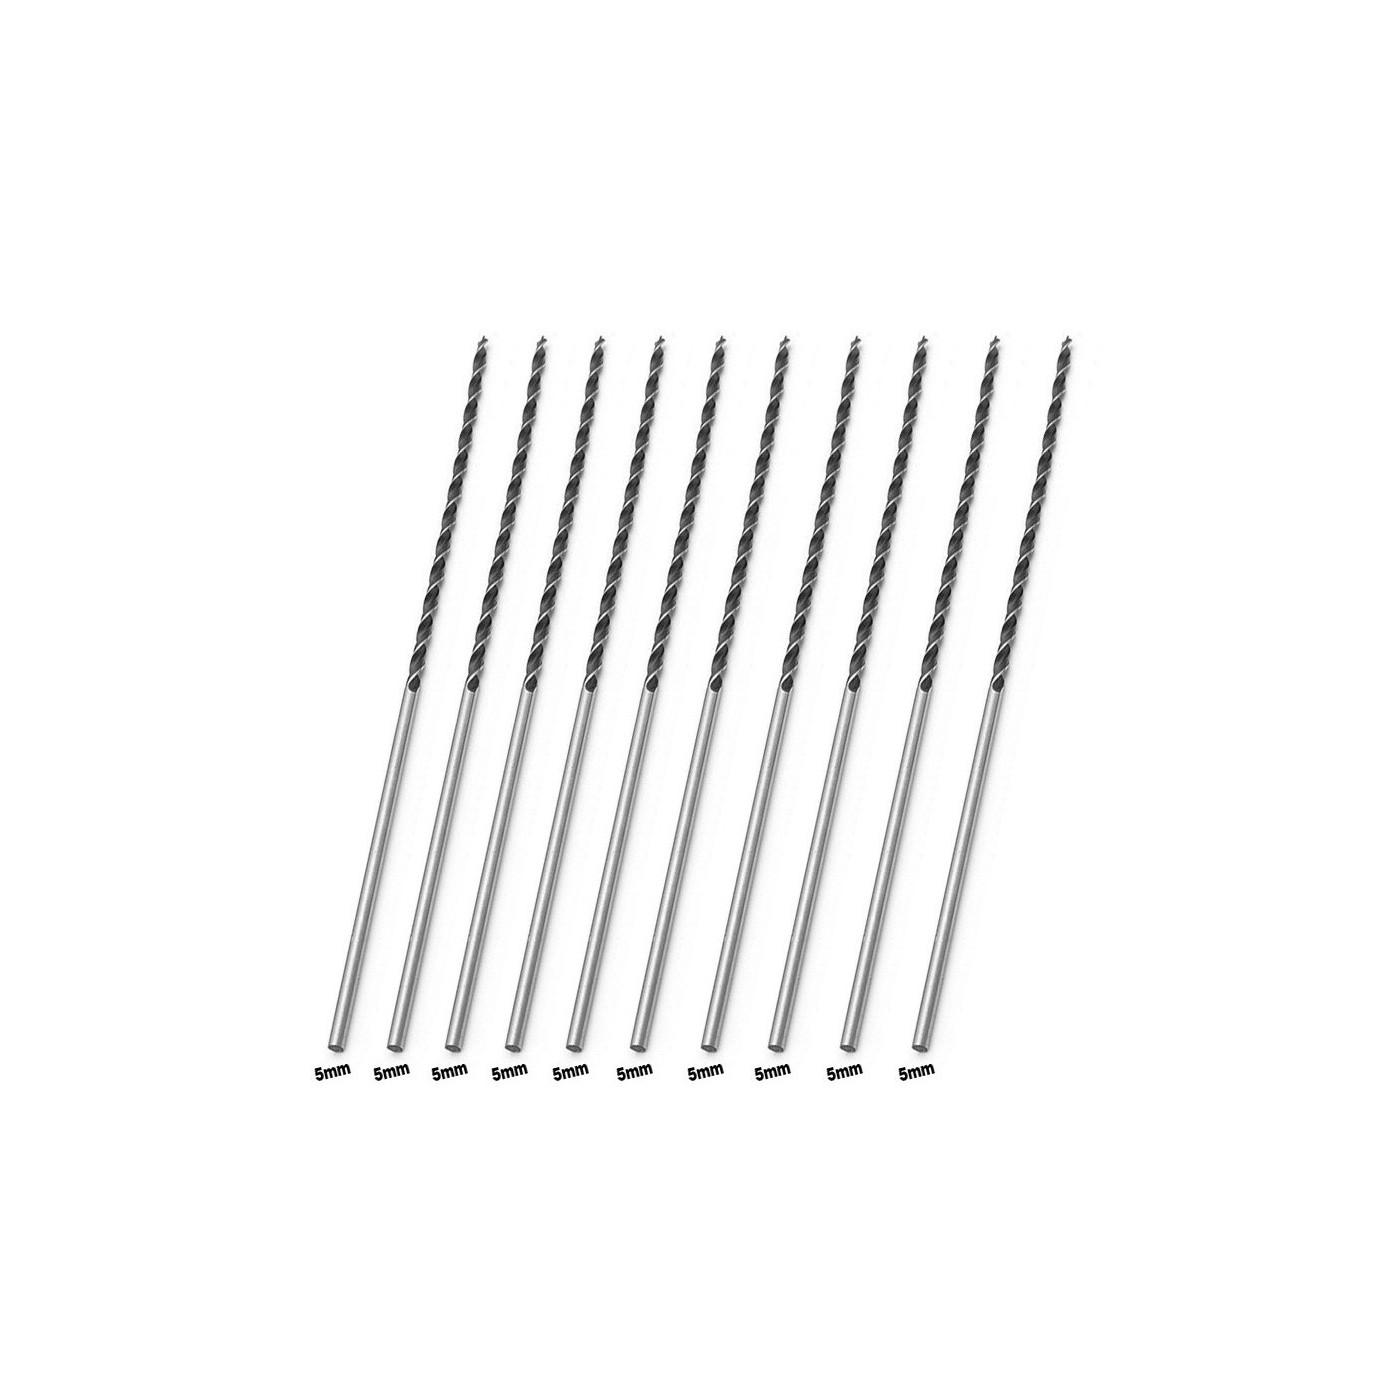 Zestaw 10 wyjątkowo długich wierteł do drewna (5 x 300 mm)  - 1